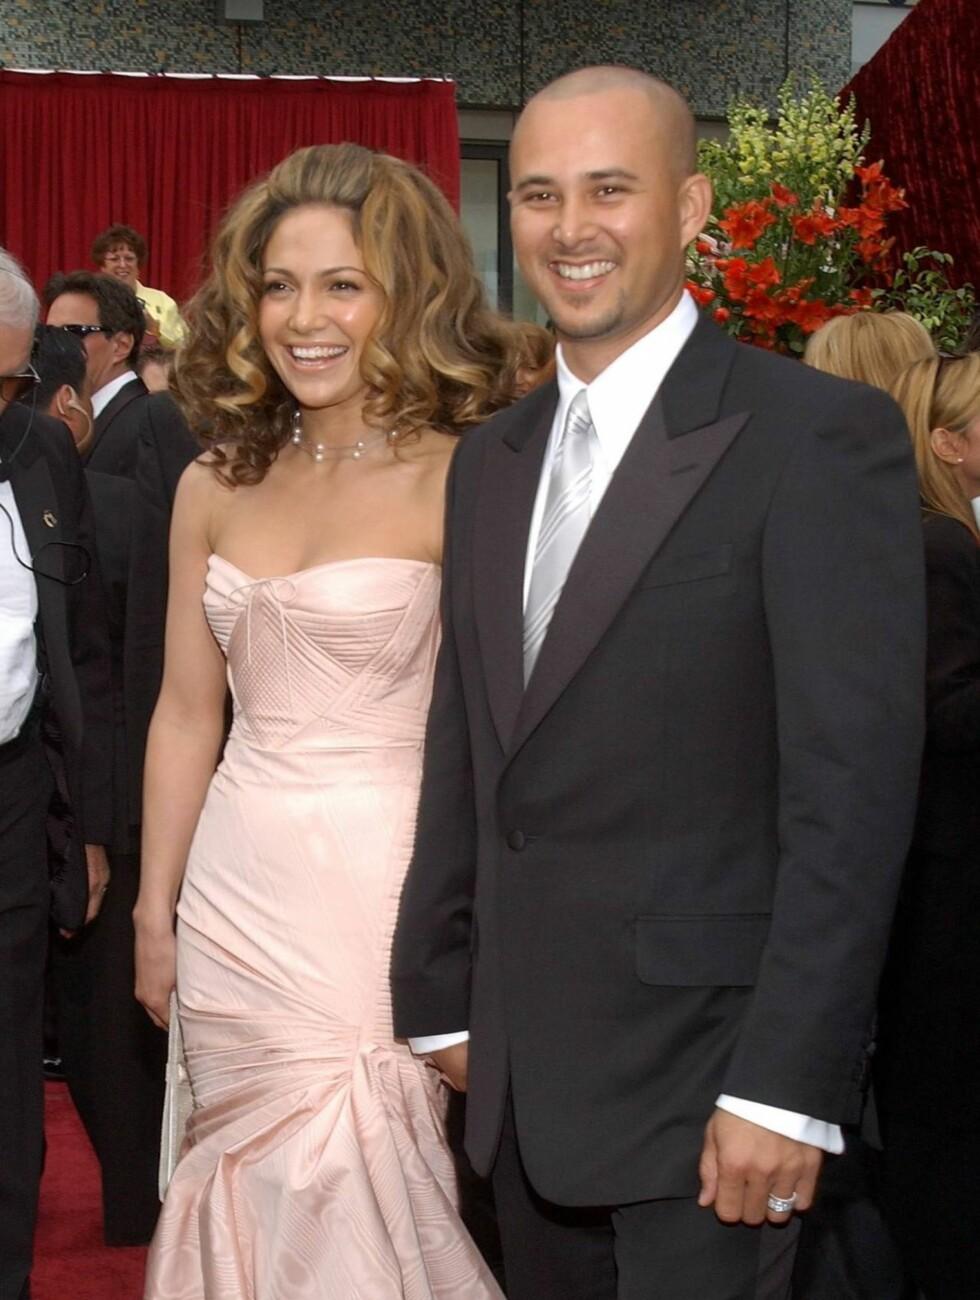 NESTEN ET ÅR: Jennifer Lopez var på starten av sin suksessfulle karriere, da hun i september 2001 giftet seg i en Valentino-kjole med sin egen danser Cris Judd. Paret levde lykkelig i hele åtte måneder, før bruddet var et faktum i juni 2002.